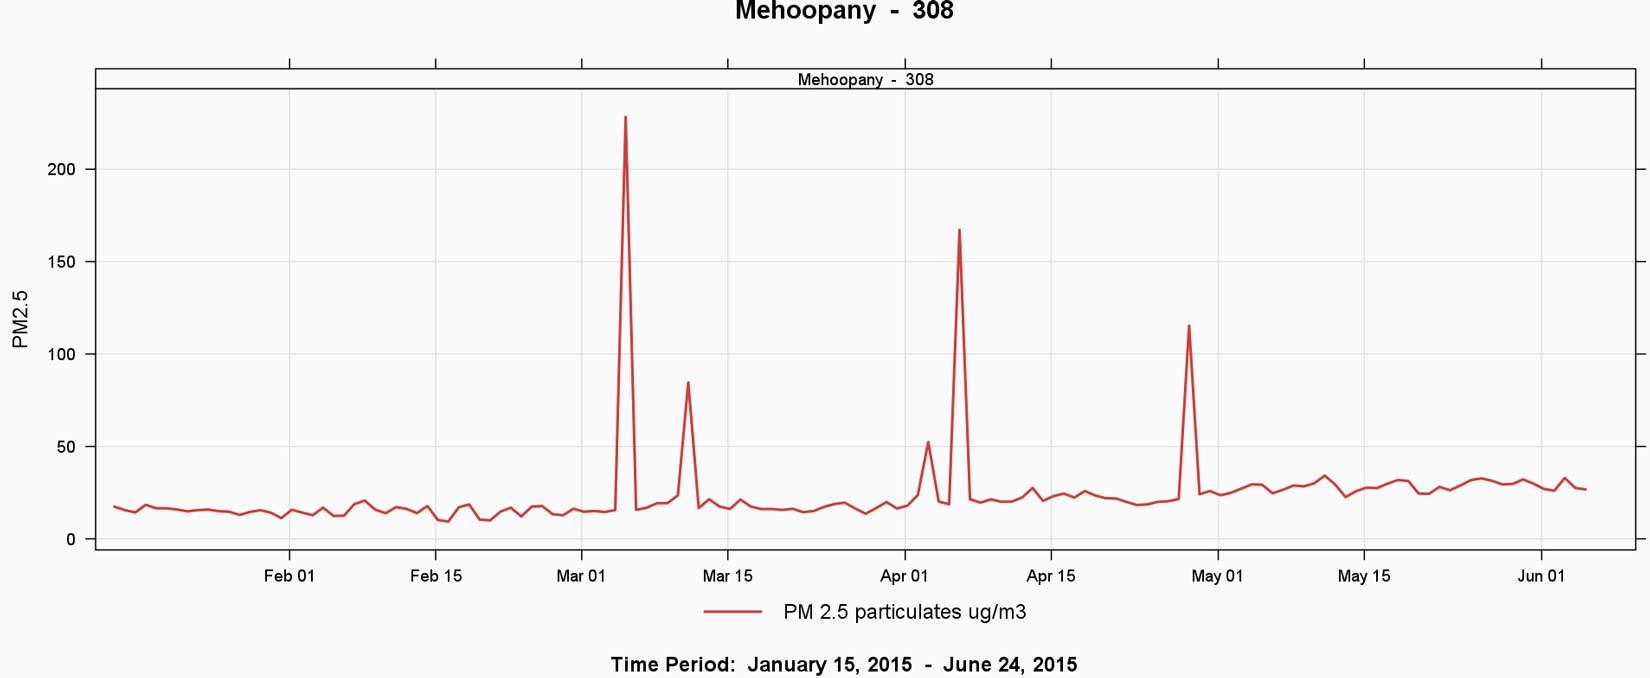 Fig2_Mehoopany_308_line